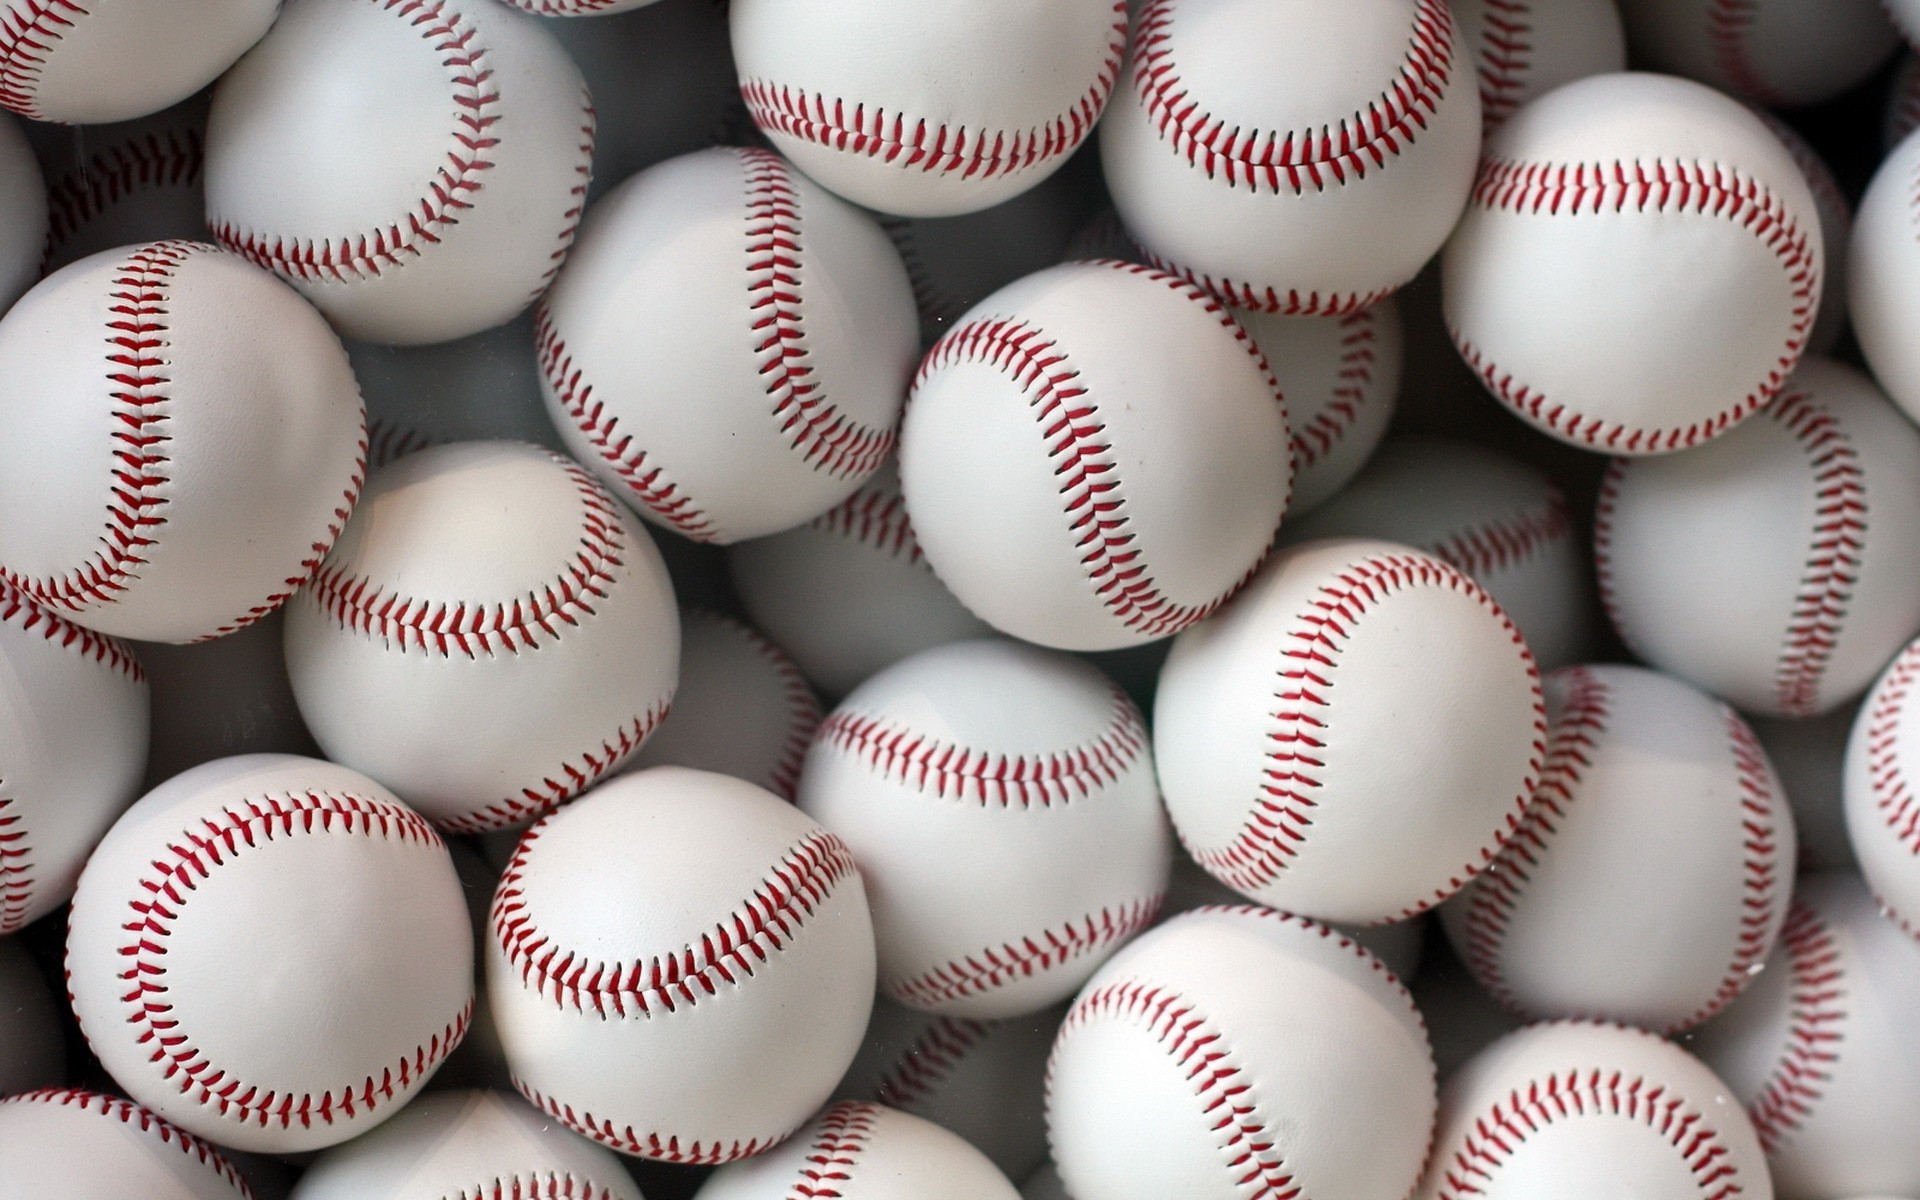 Baseball Background (66+ images)